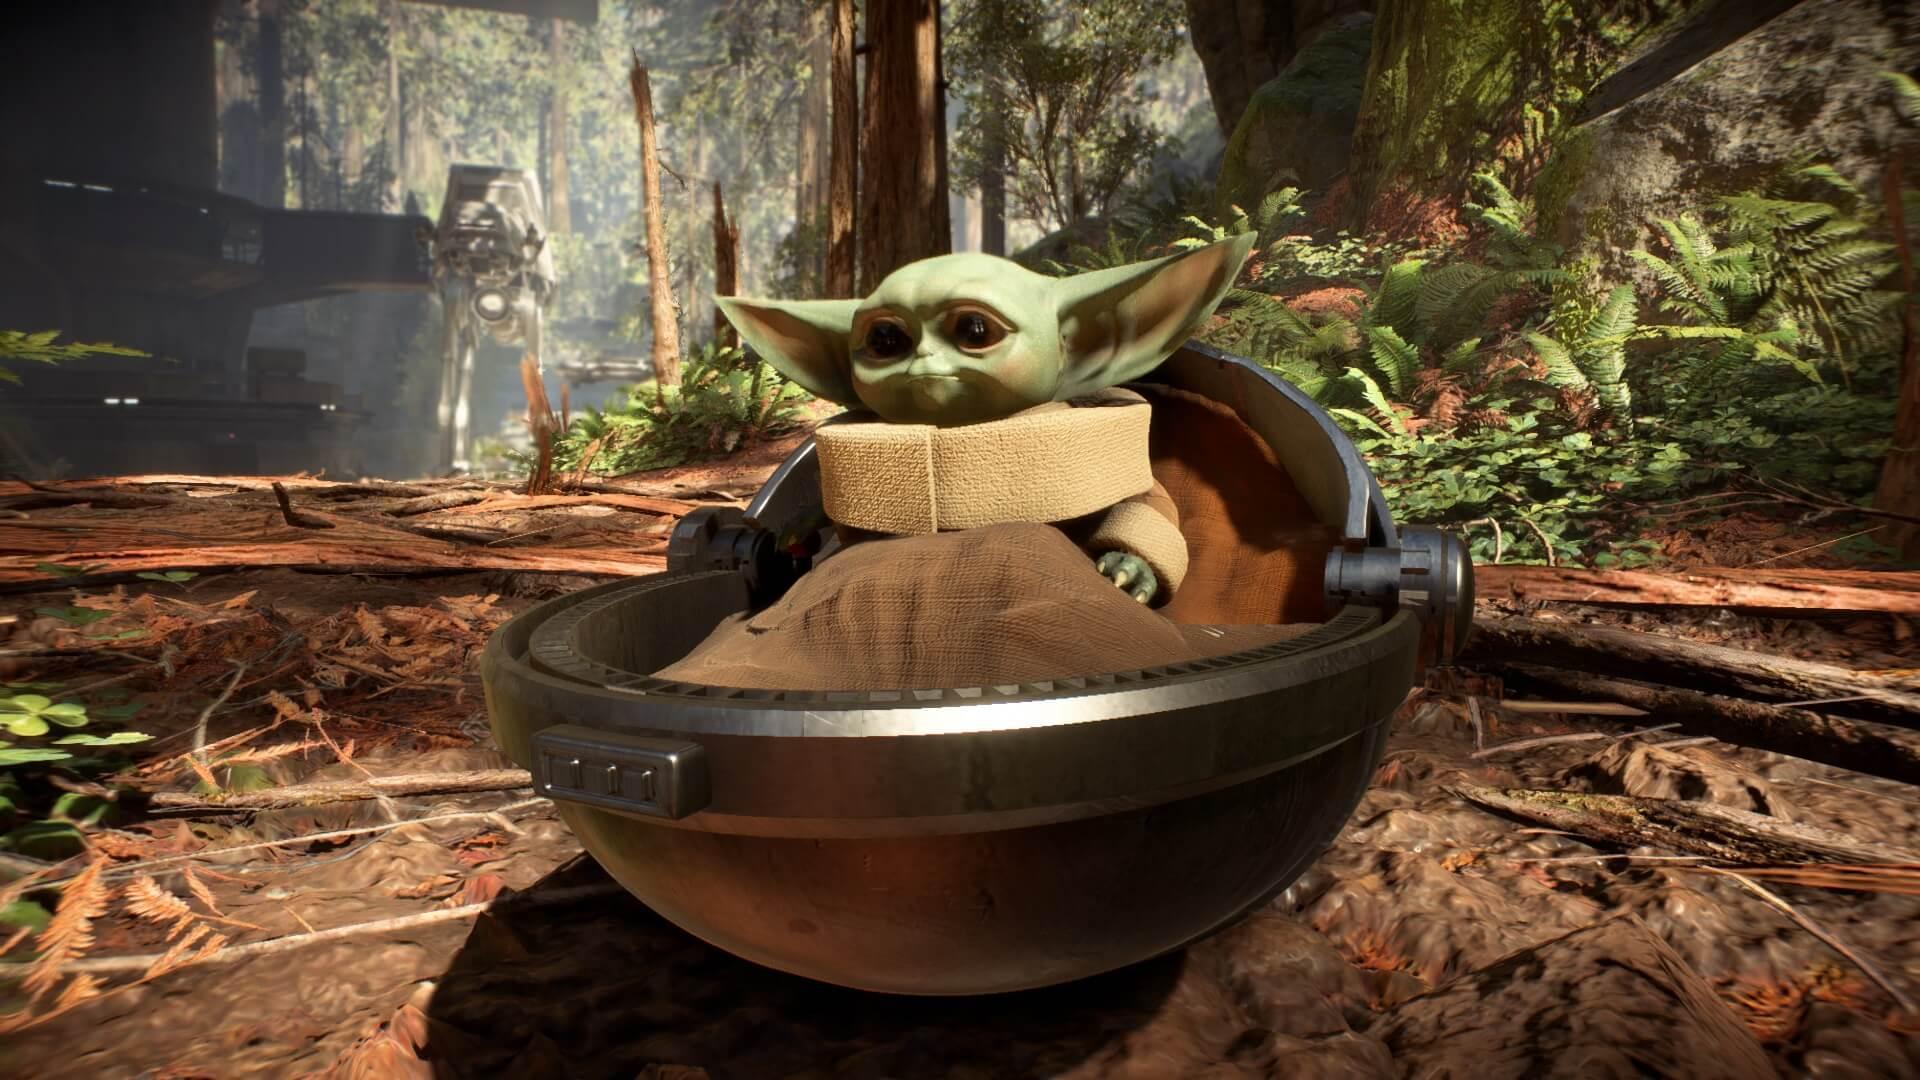 Un increíble mod nos permite eliminar Stormtroopers como Baby Yoda en Star Wars Battlefront 2